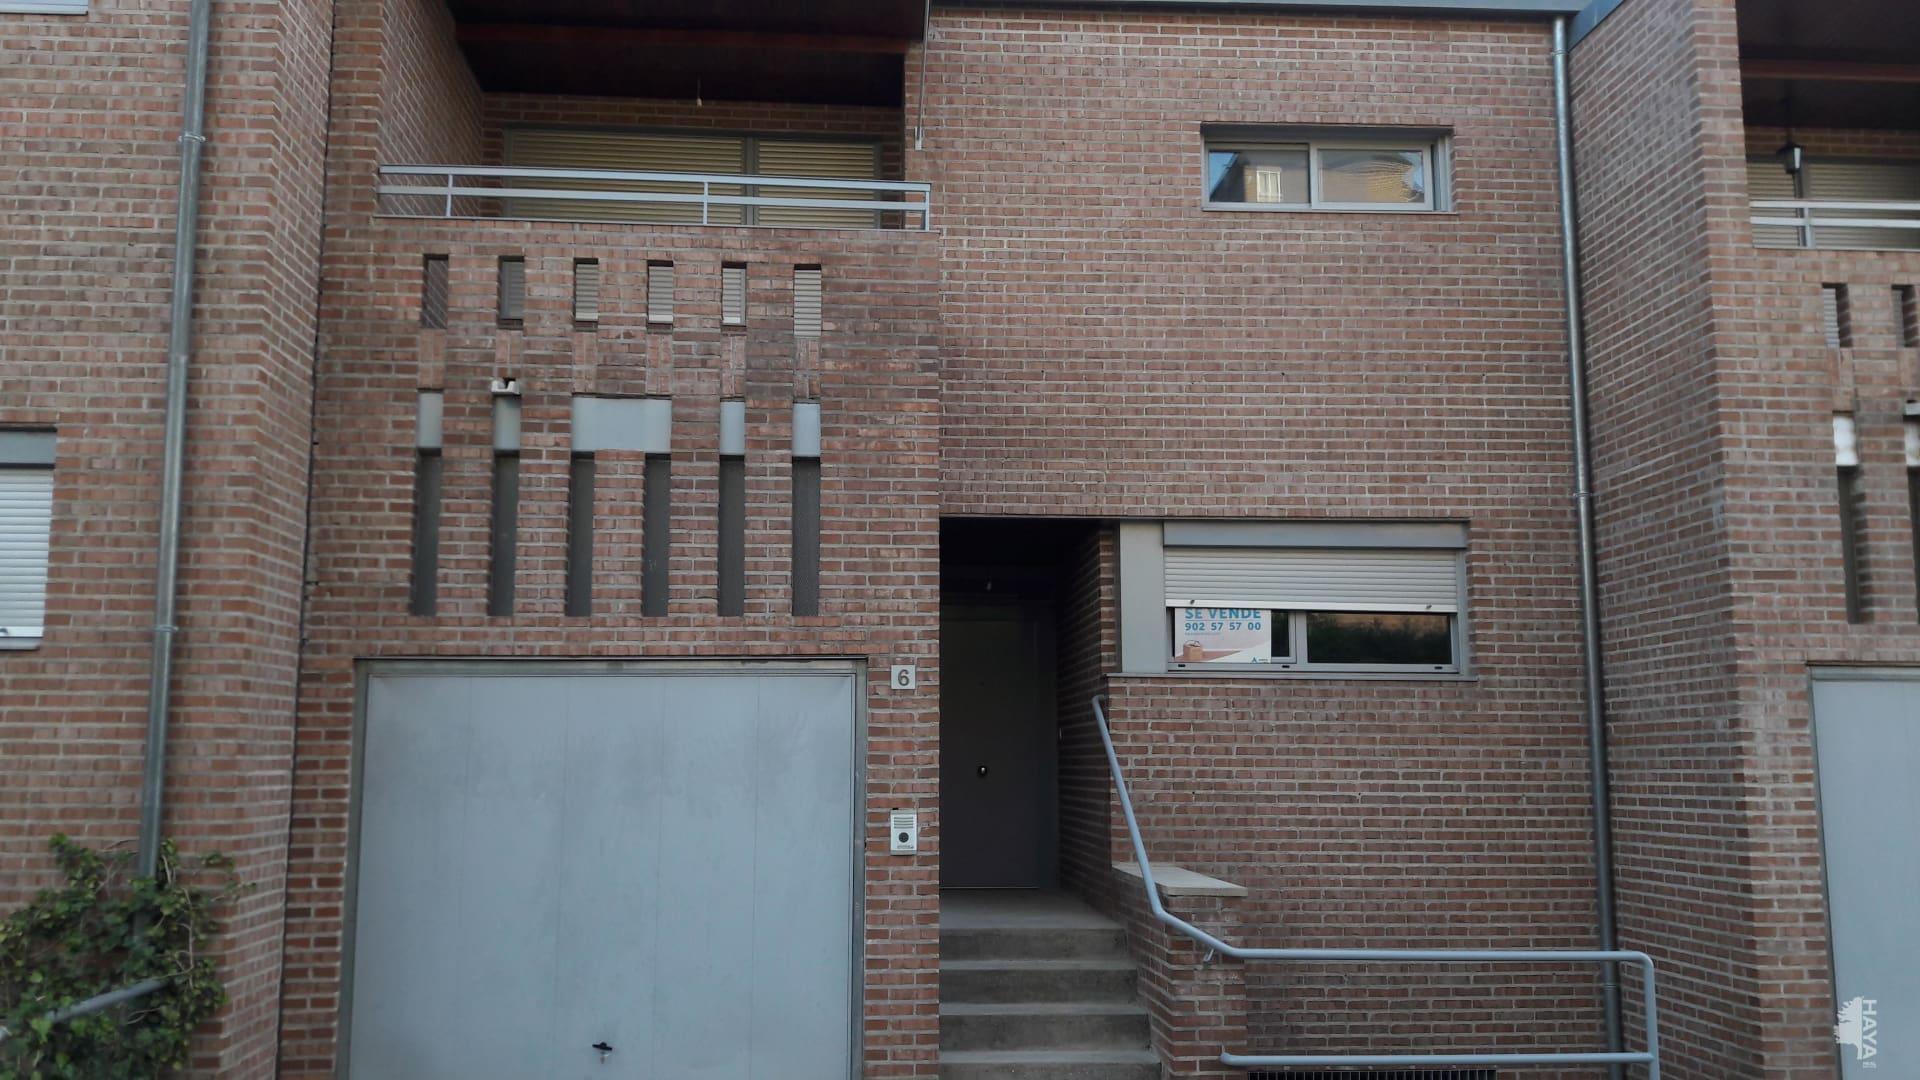 Casa en venta en Los Olmillos, Villamuriel de Cerrato, Palencia, Calle Jeronimo Arroyo, 209.200 €, 4 habitaciones, 3 baños, 199 m2